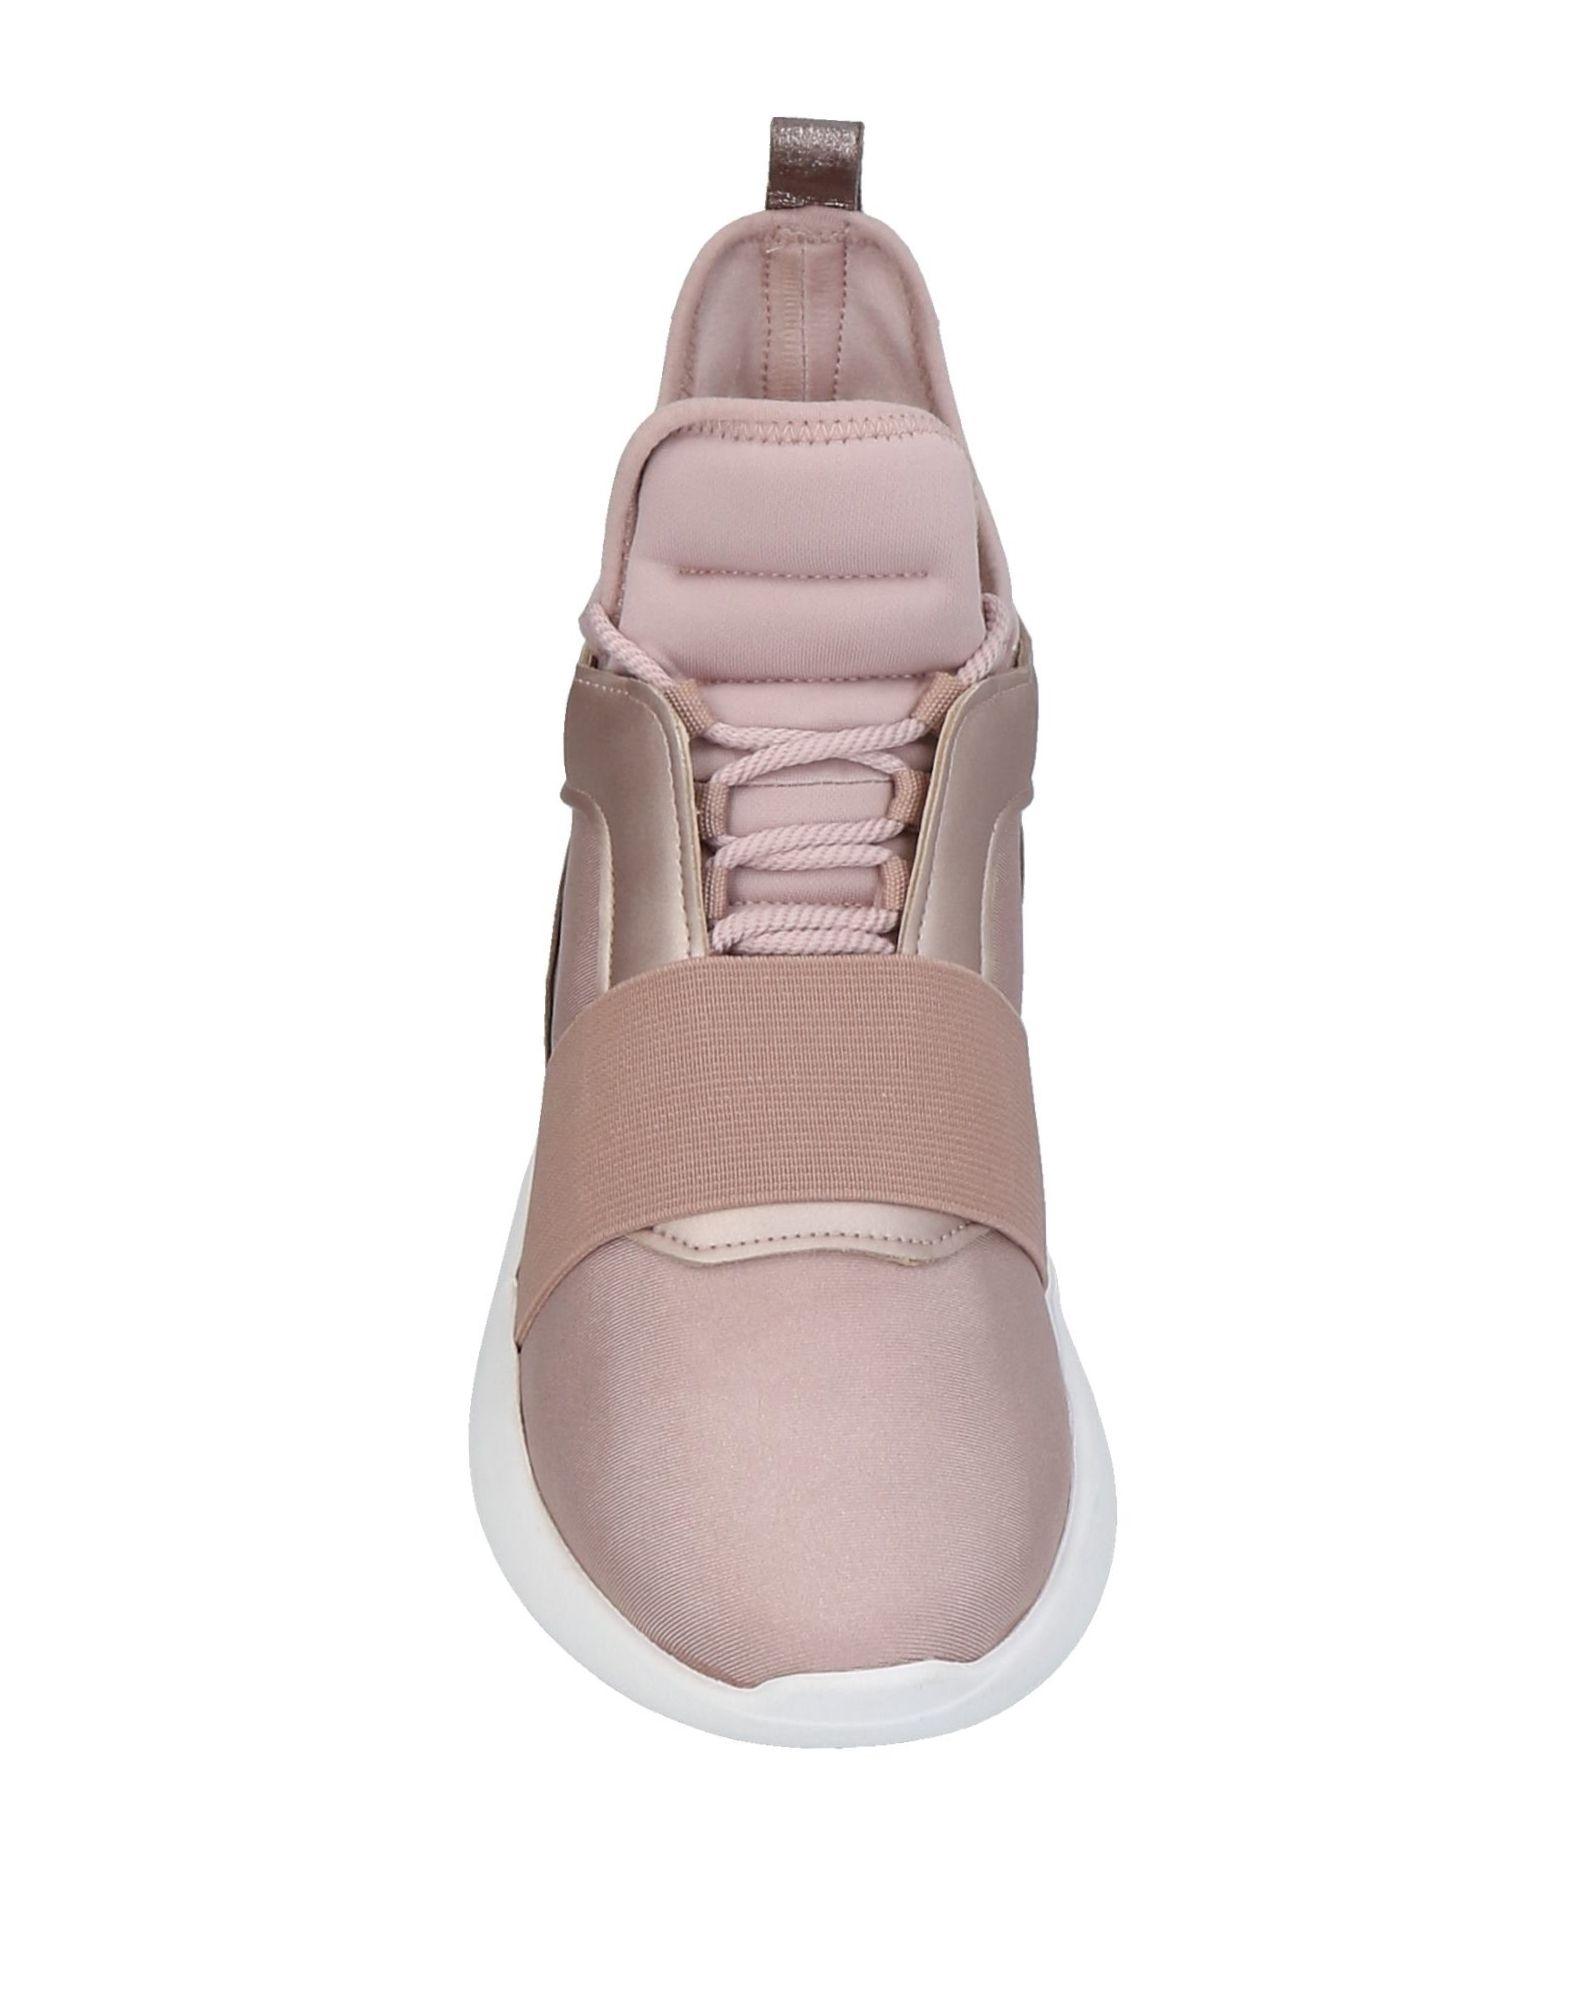 Kendall + Kylie Sneakers Damen  Qualität 11447955LO Gute Qualität  beliebte Schuhe 28b84a